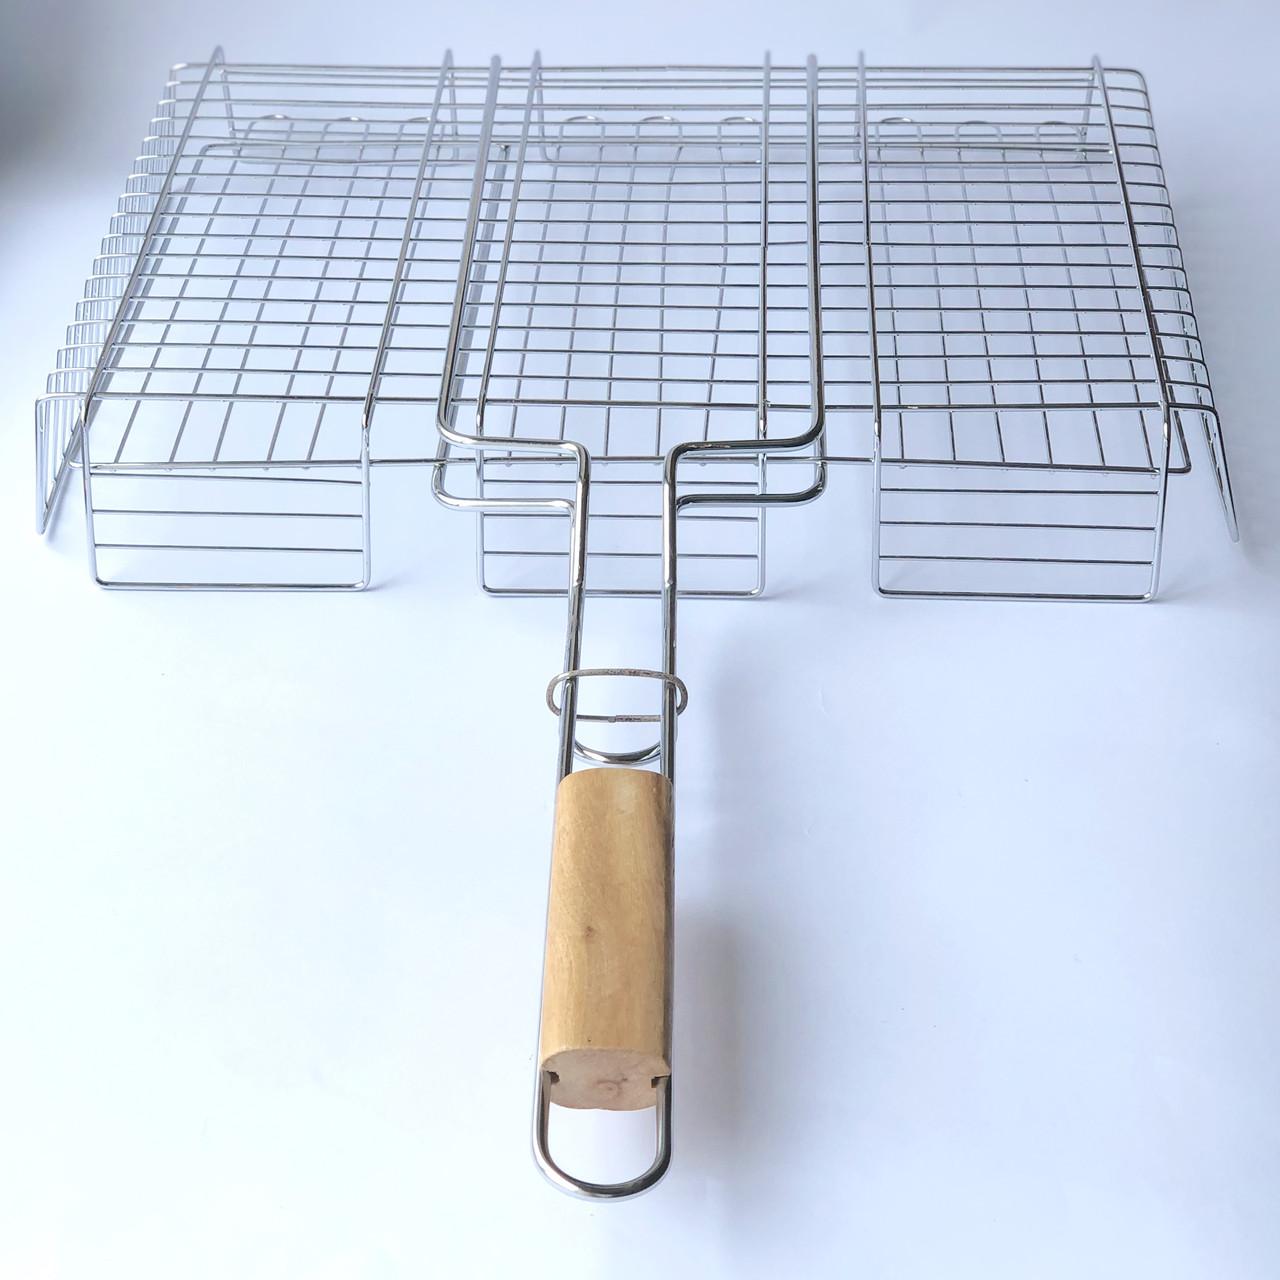 Решетка для гриля на мангал из нерважейки (43*33 см)